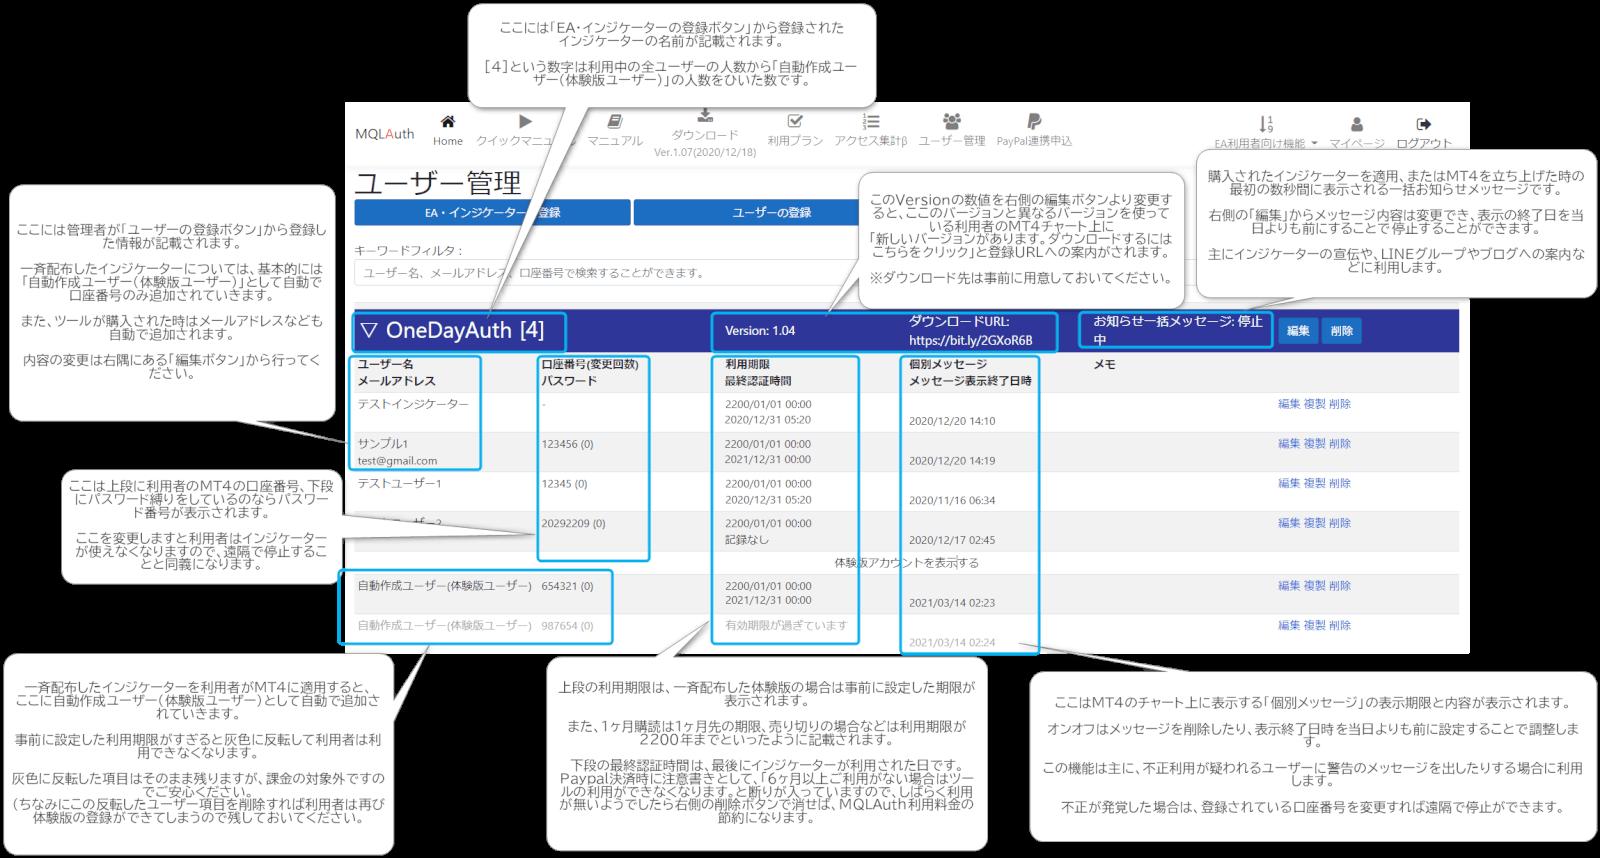 ユーザー管理画面